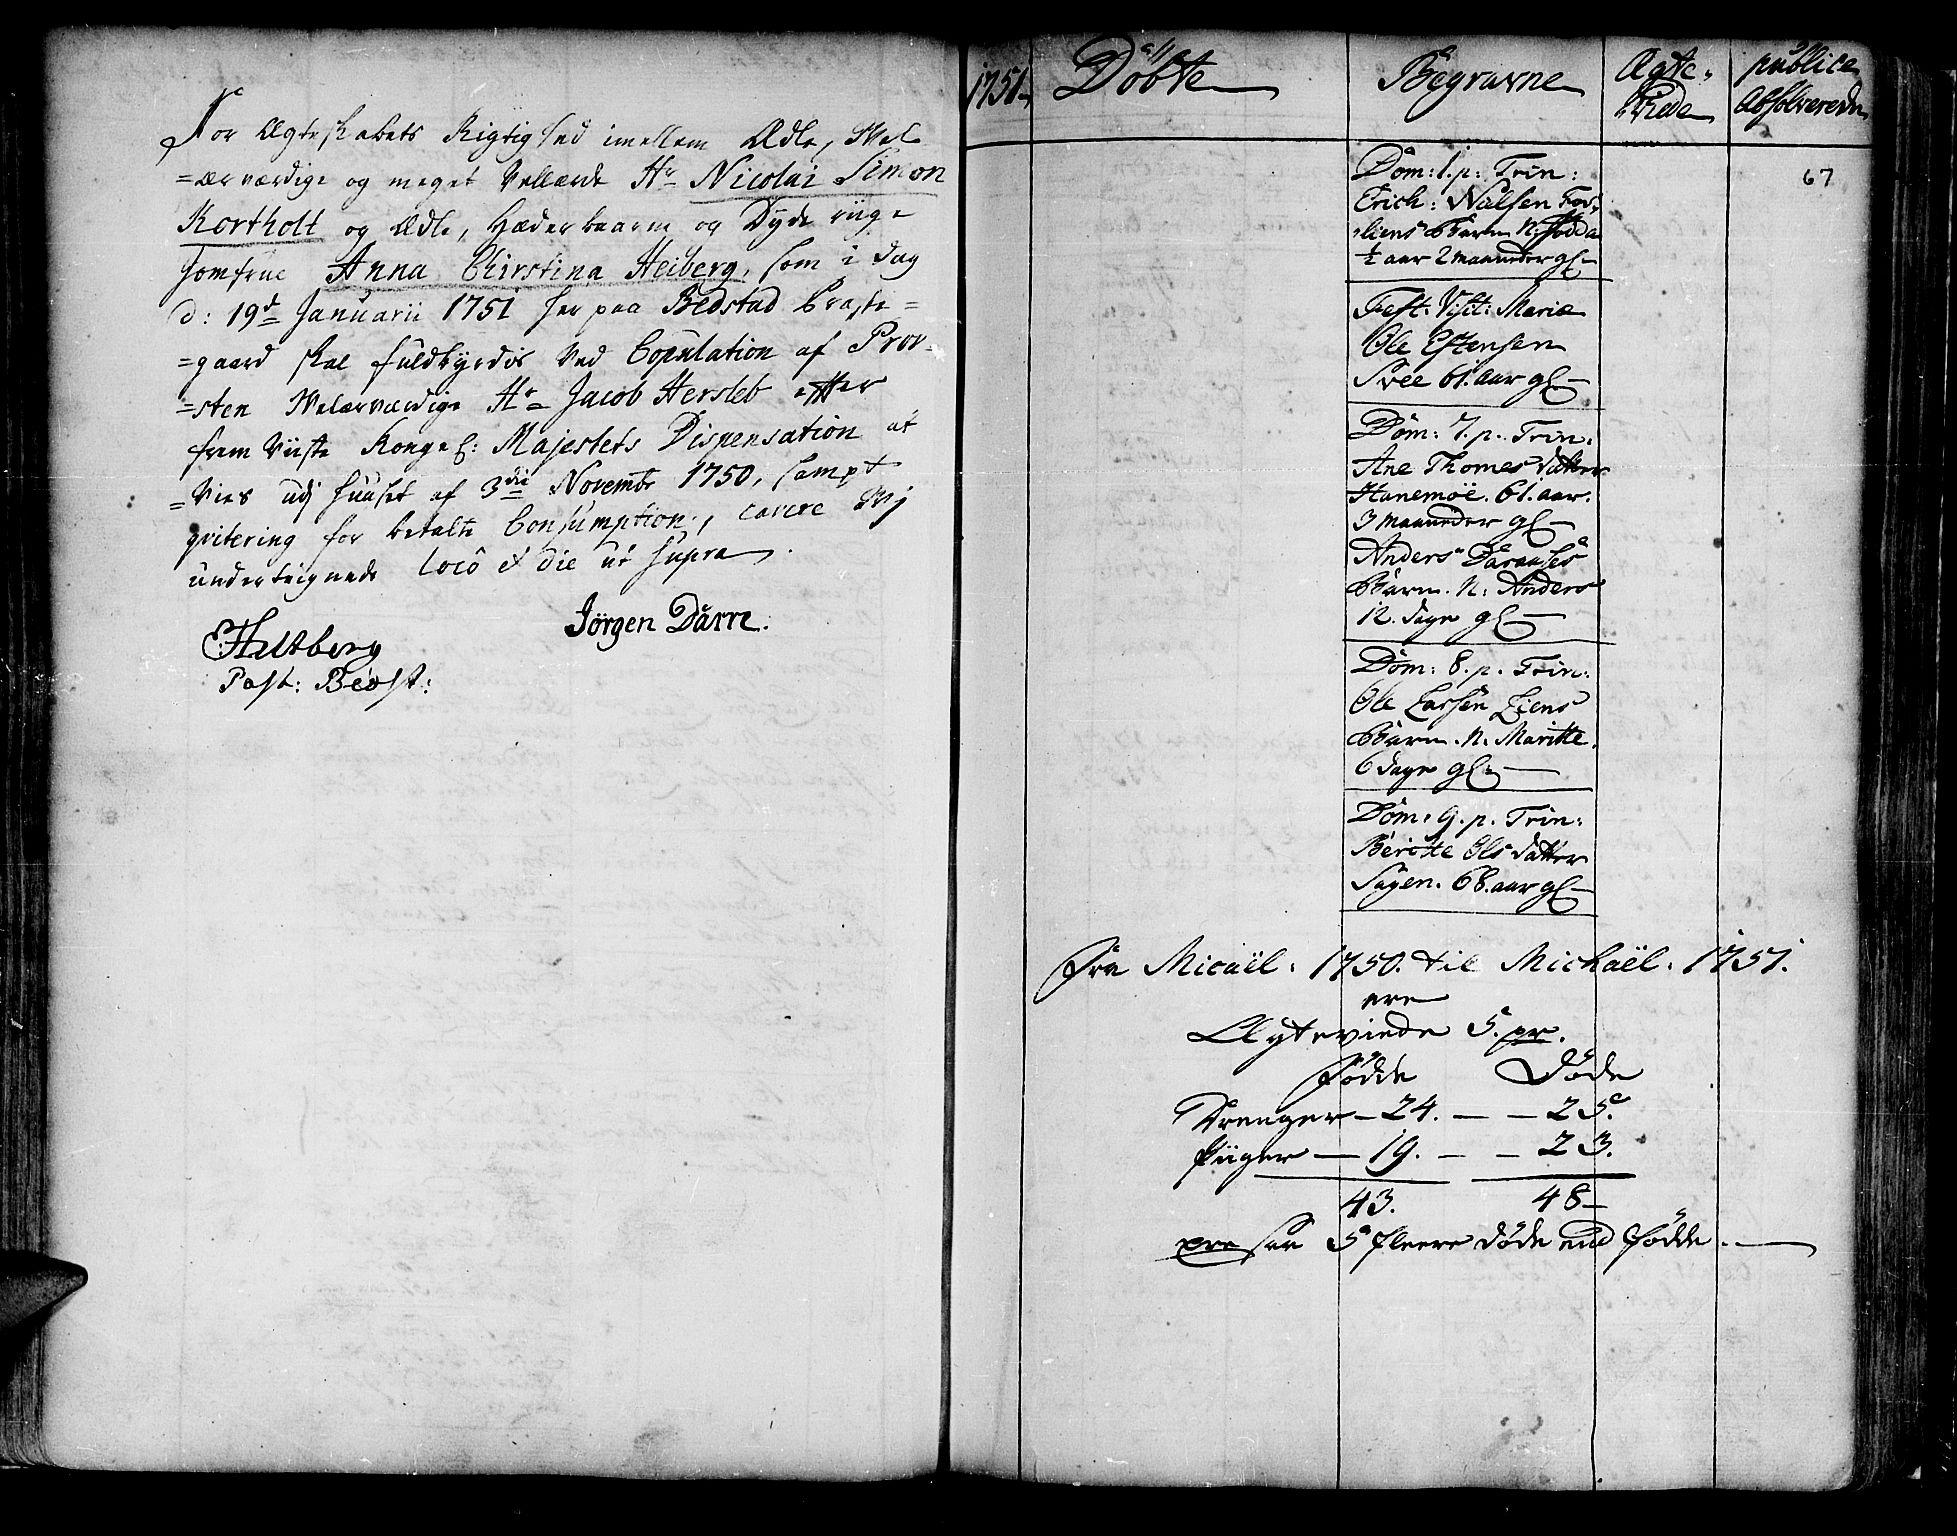 SAT, Ministerialprotokoller, klokkerbøker og fødselsregistre - Nord-Trøndelag, 741/L0385: Ministerialbok nr. 741A01, 1722-1815, s. 67